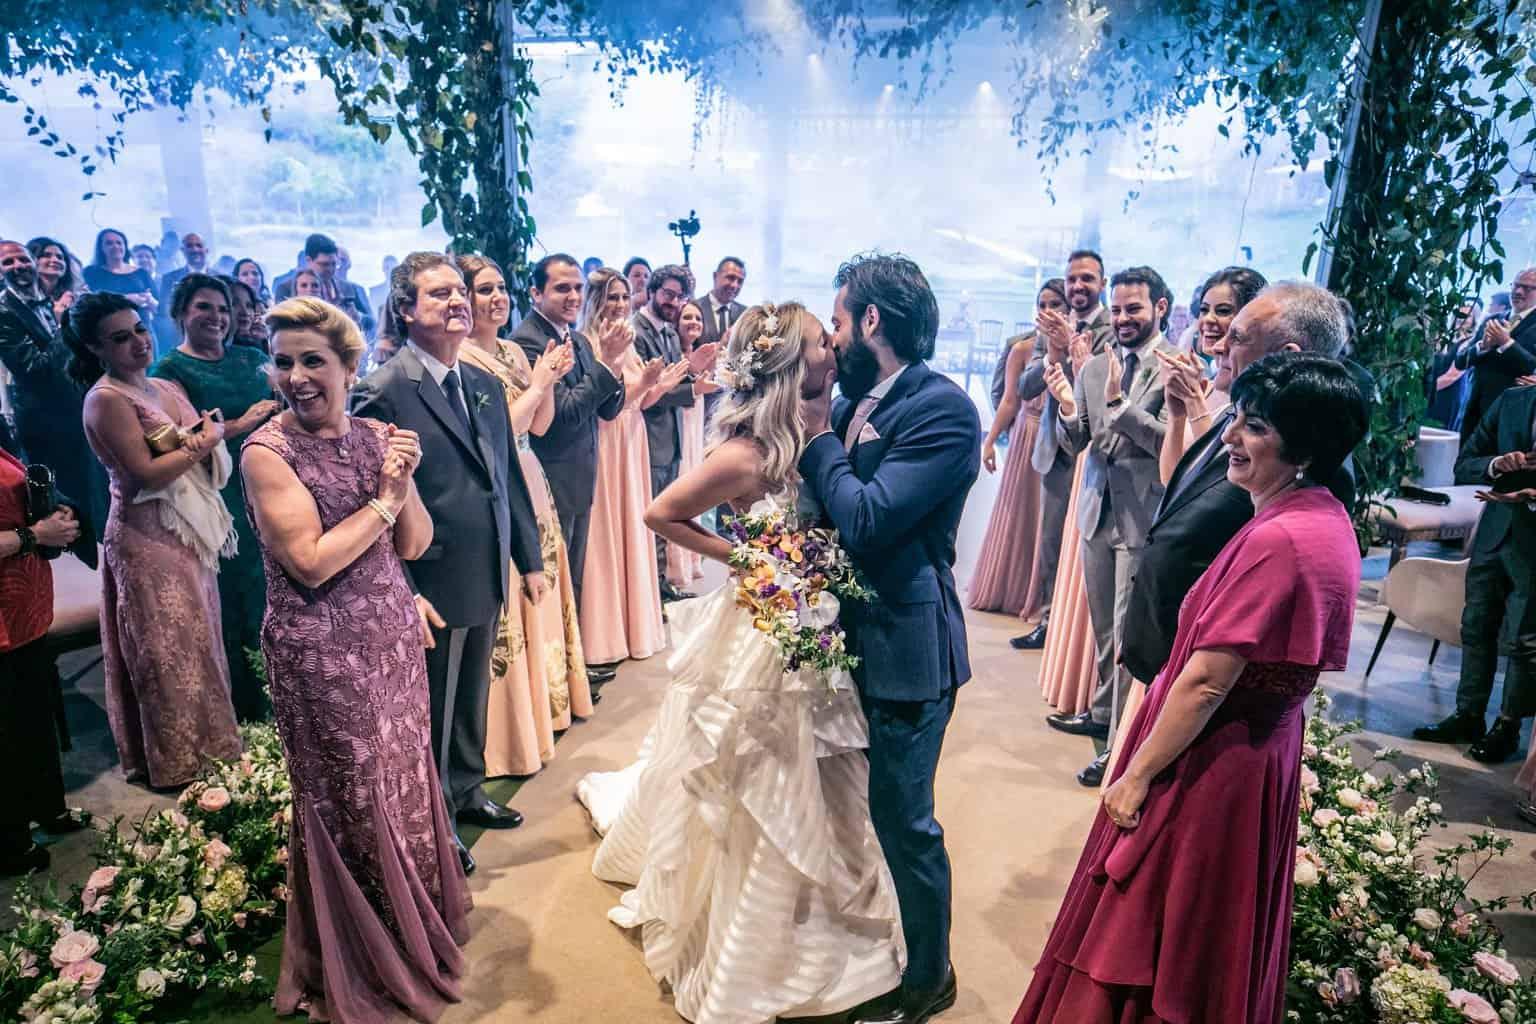 Casamento-Milene-e-Leonardo-decoracao-da-festa-Roberto-Tamer-terras-claras215